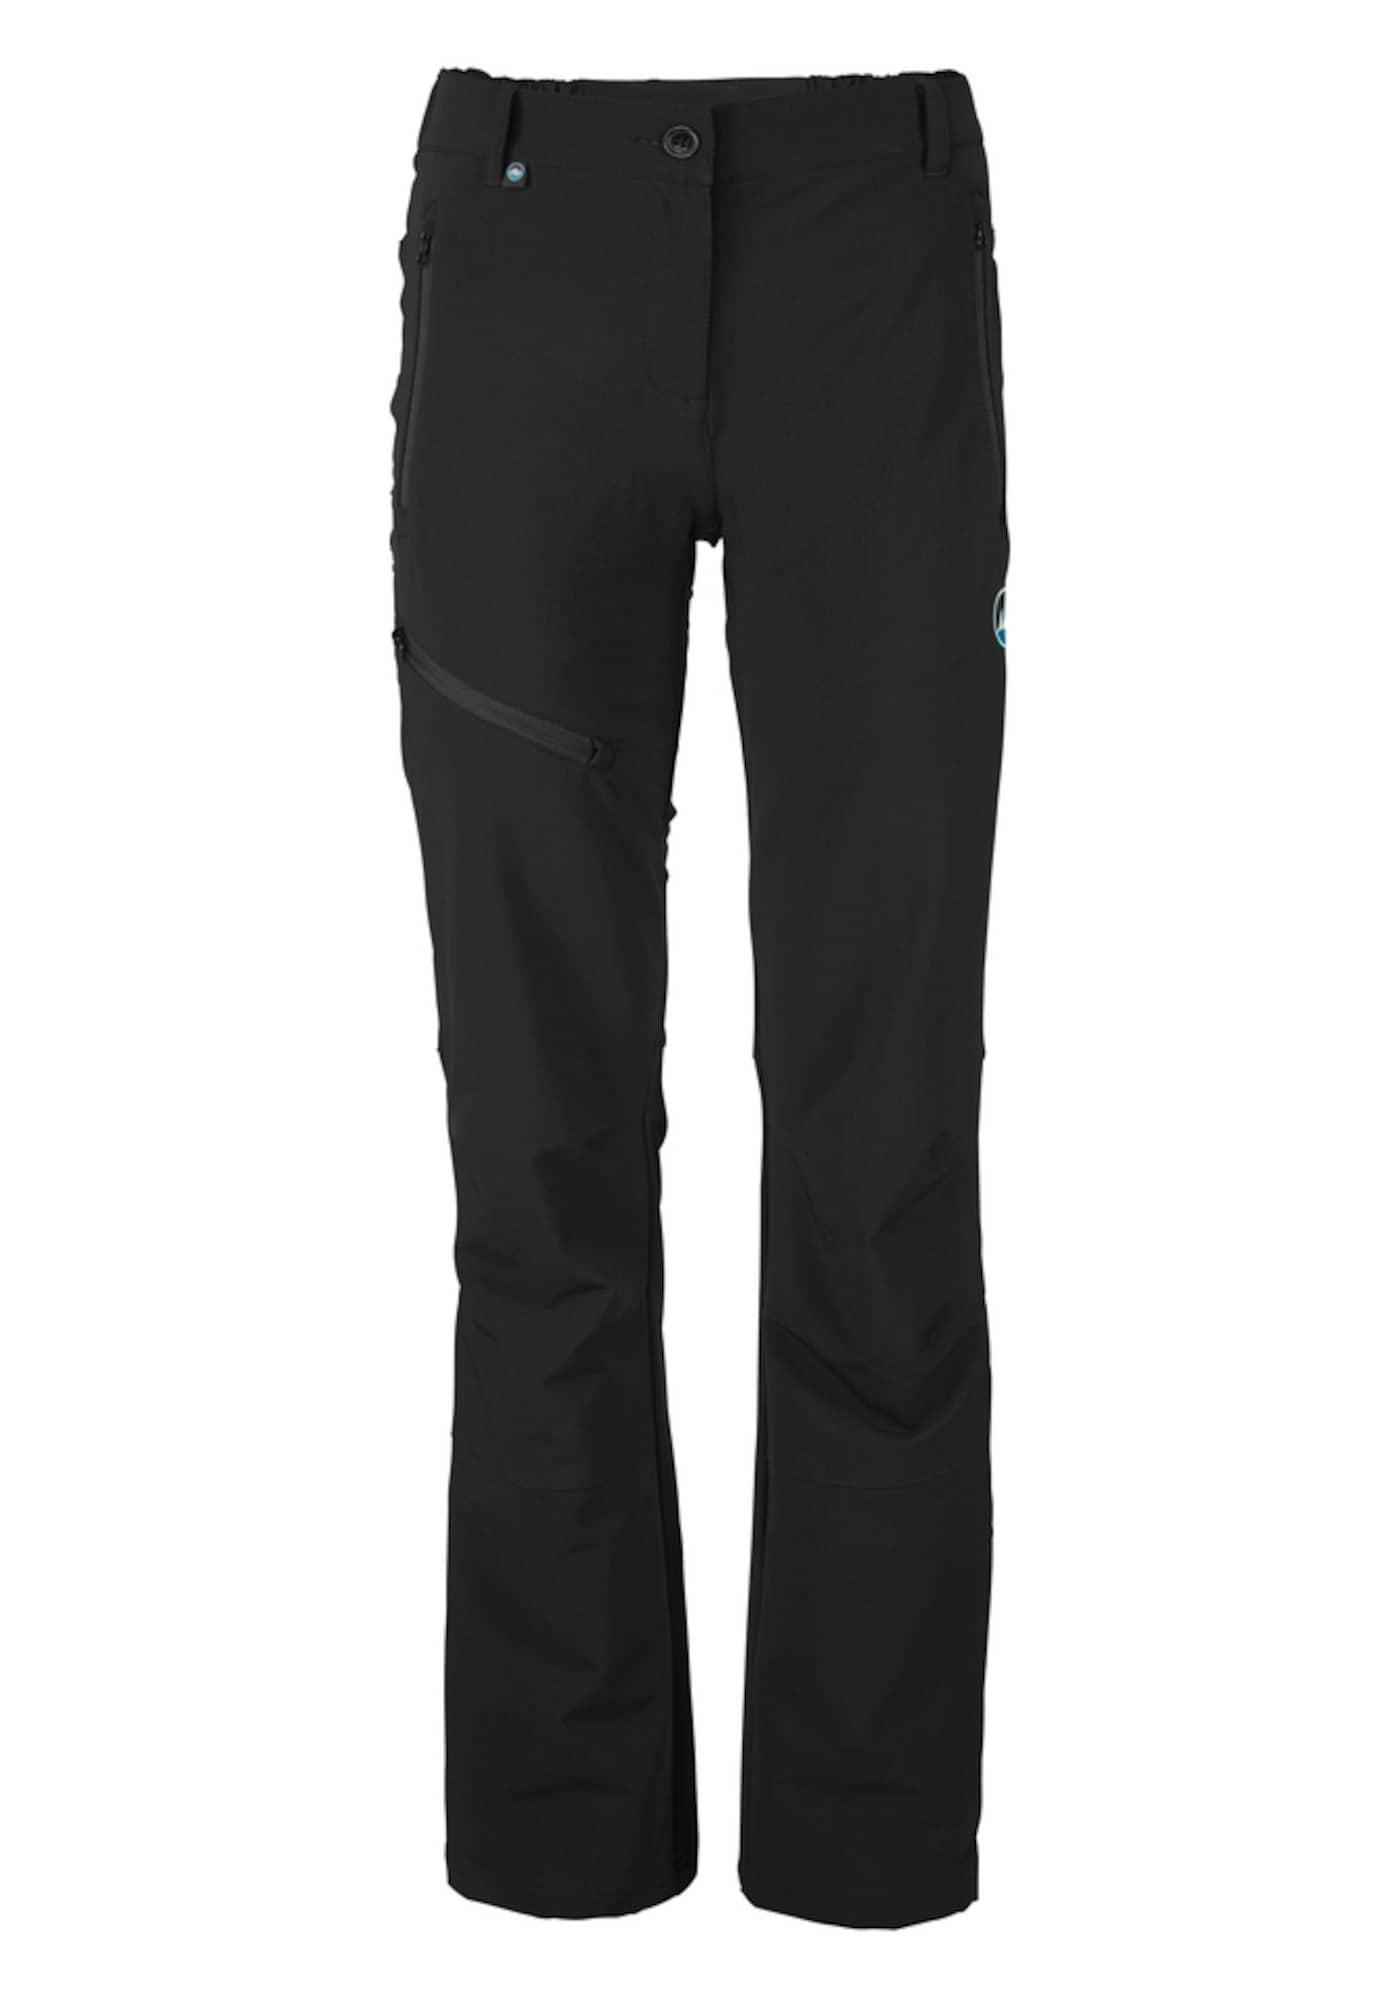 Funktionshose   Sportbekleidung > Sporthosen   POLARINO